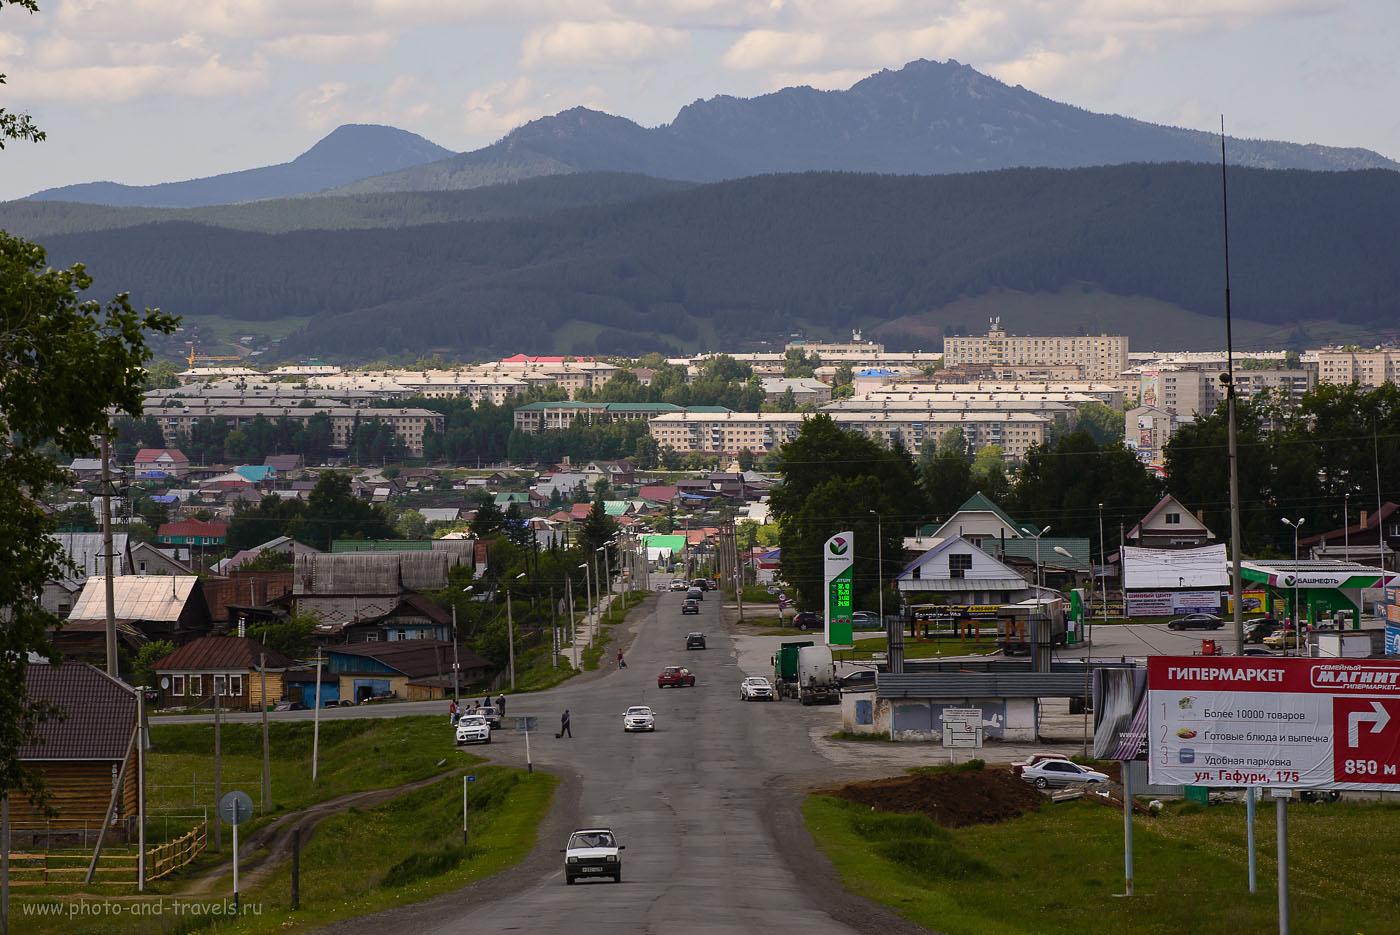 9. Гора Малиновая возвышается над городом Белорецк в Башкирии, как Корякский вулкан над Петропавловск-Камчатским... (телеобъективNikkor70-300, камераNikonD610, 320, 140, 9.0, 1/640)